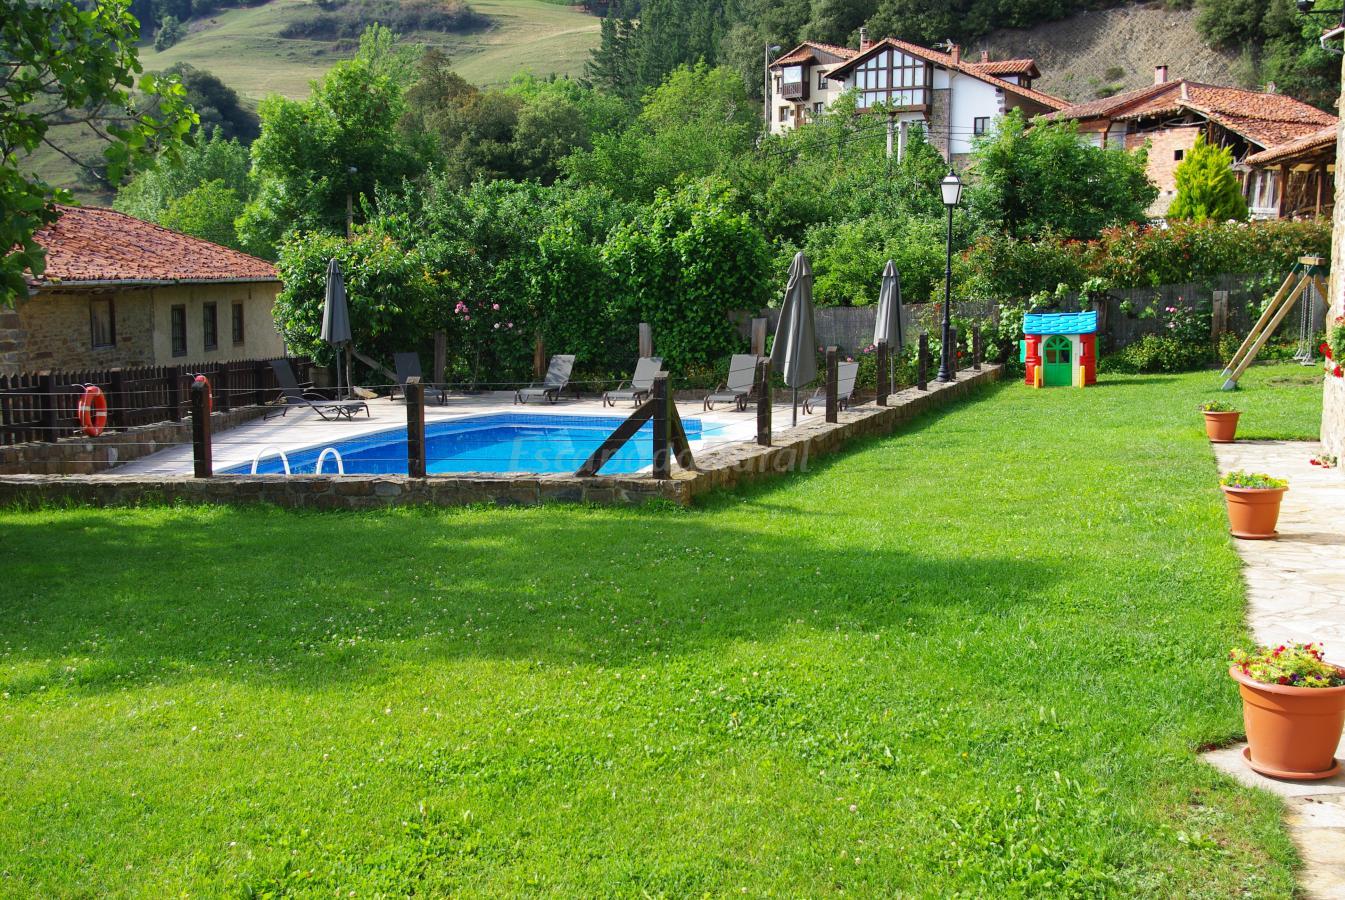 Fotos de casa lebanes casa de campo em torices cantabria - Casas de campo en cantabria ...